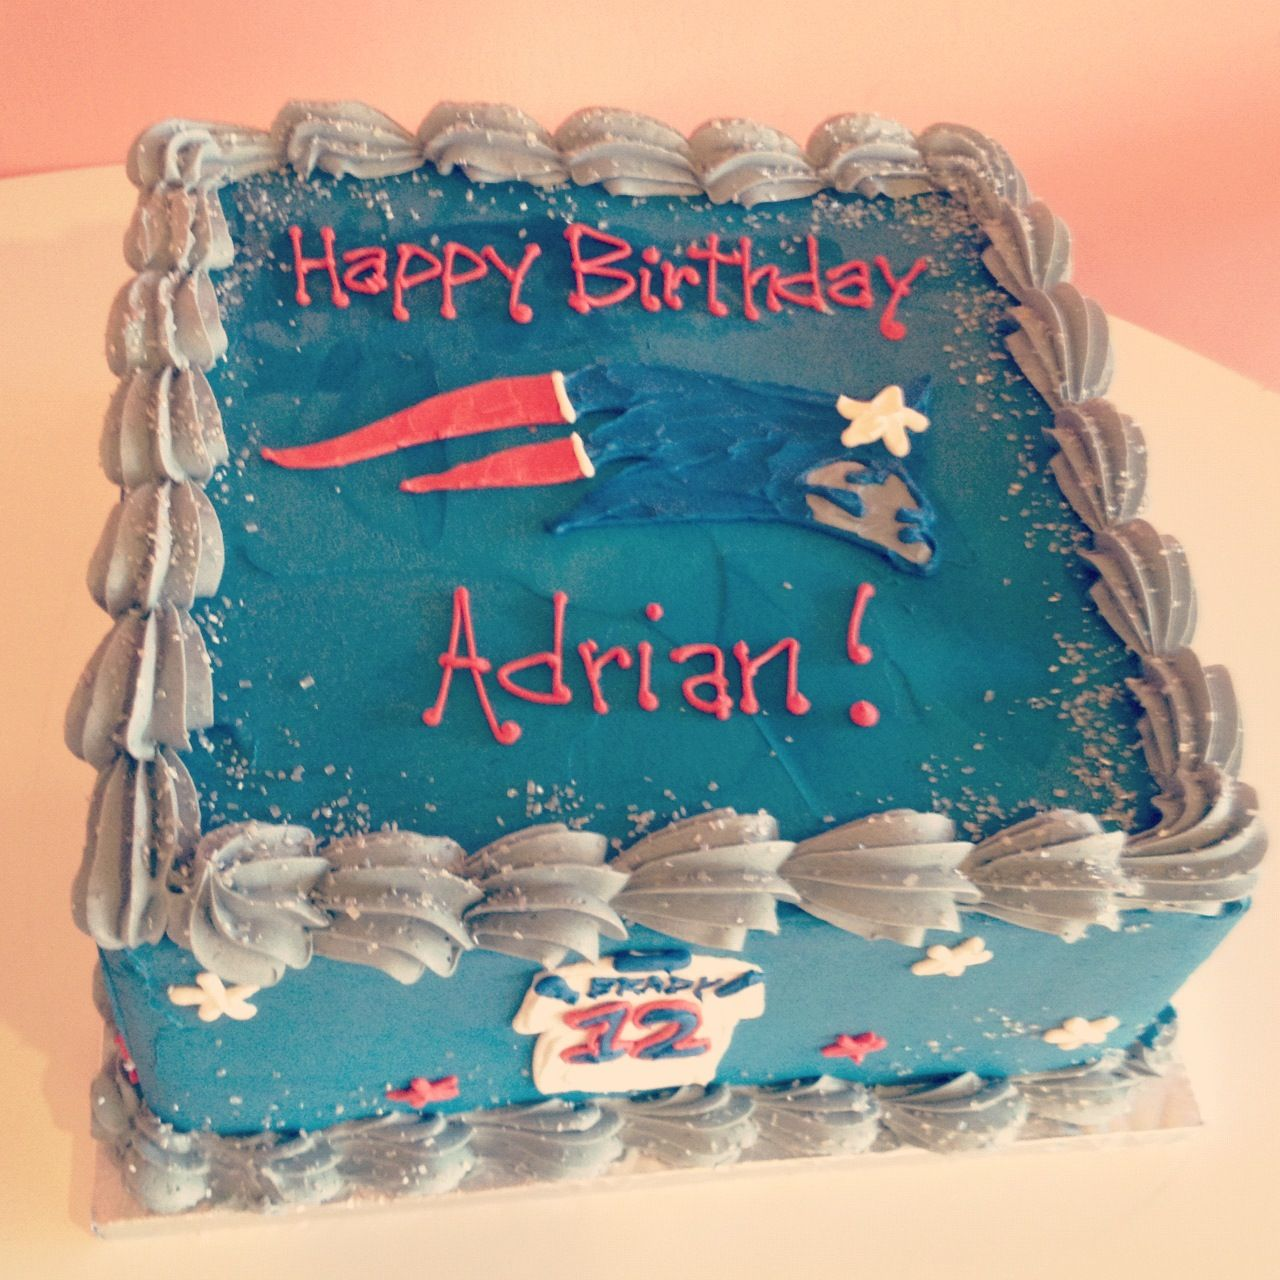 New England Patriots Birthday Cake By 2tarts Bakery New